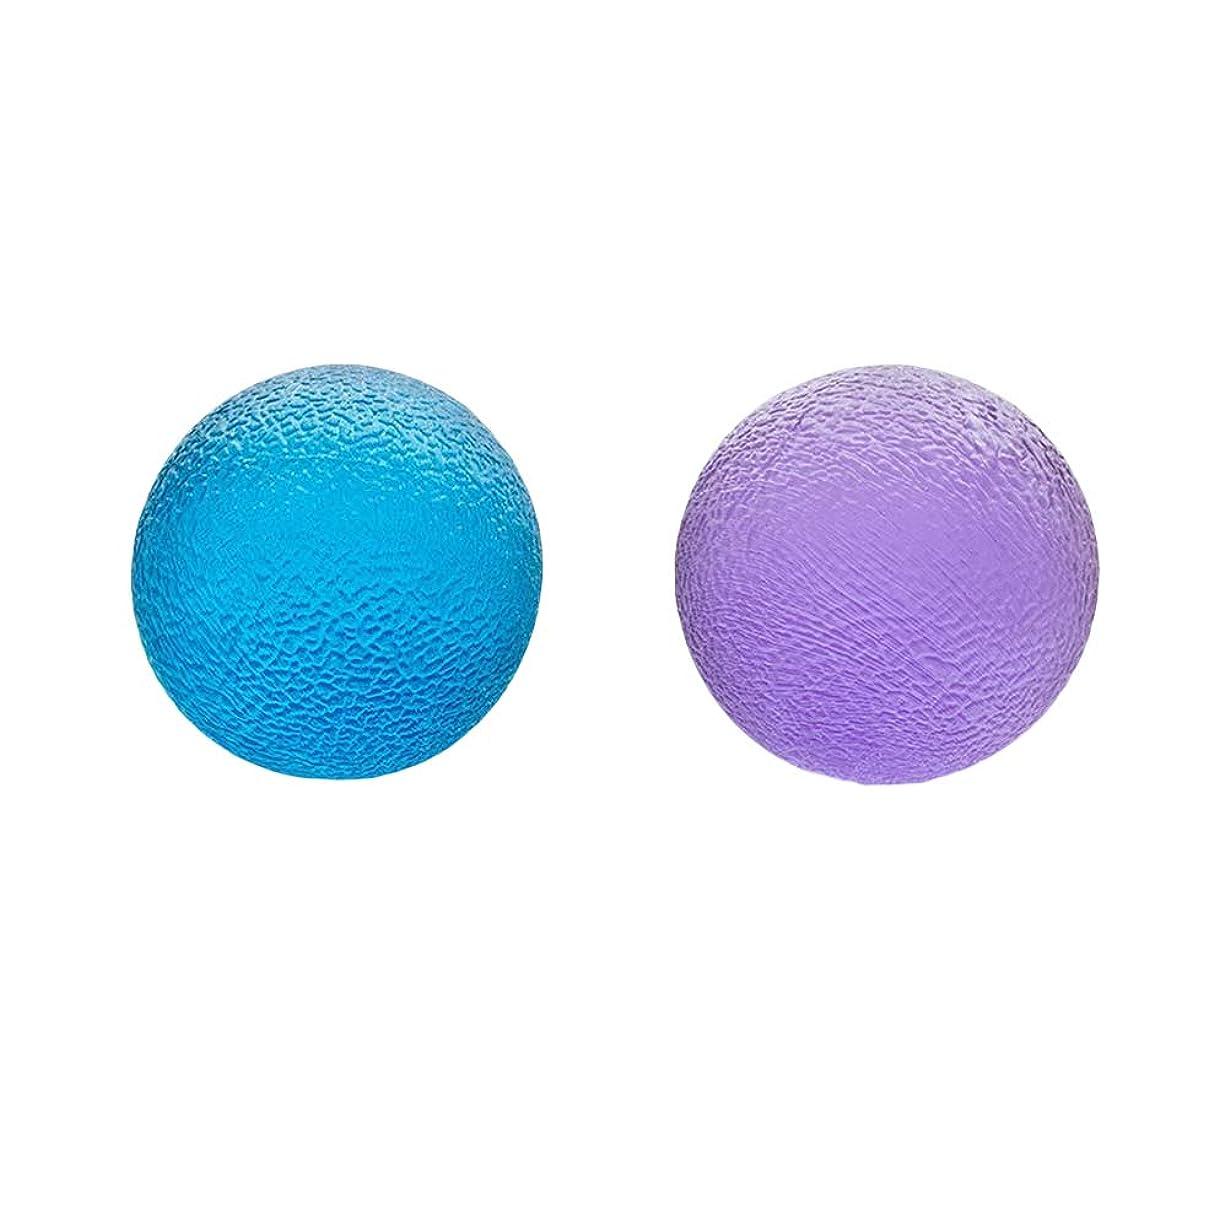 延期する同化簡潔なSUPVOX 2本ハンドグリップ強化ツールワークアウトグリップ強度トレーナーボール強化ツール関節炎指ハンド(ブルーパープル)